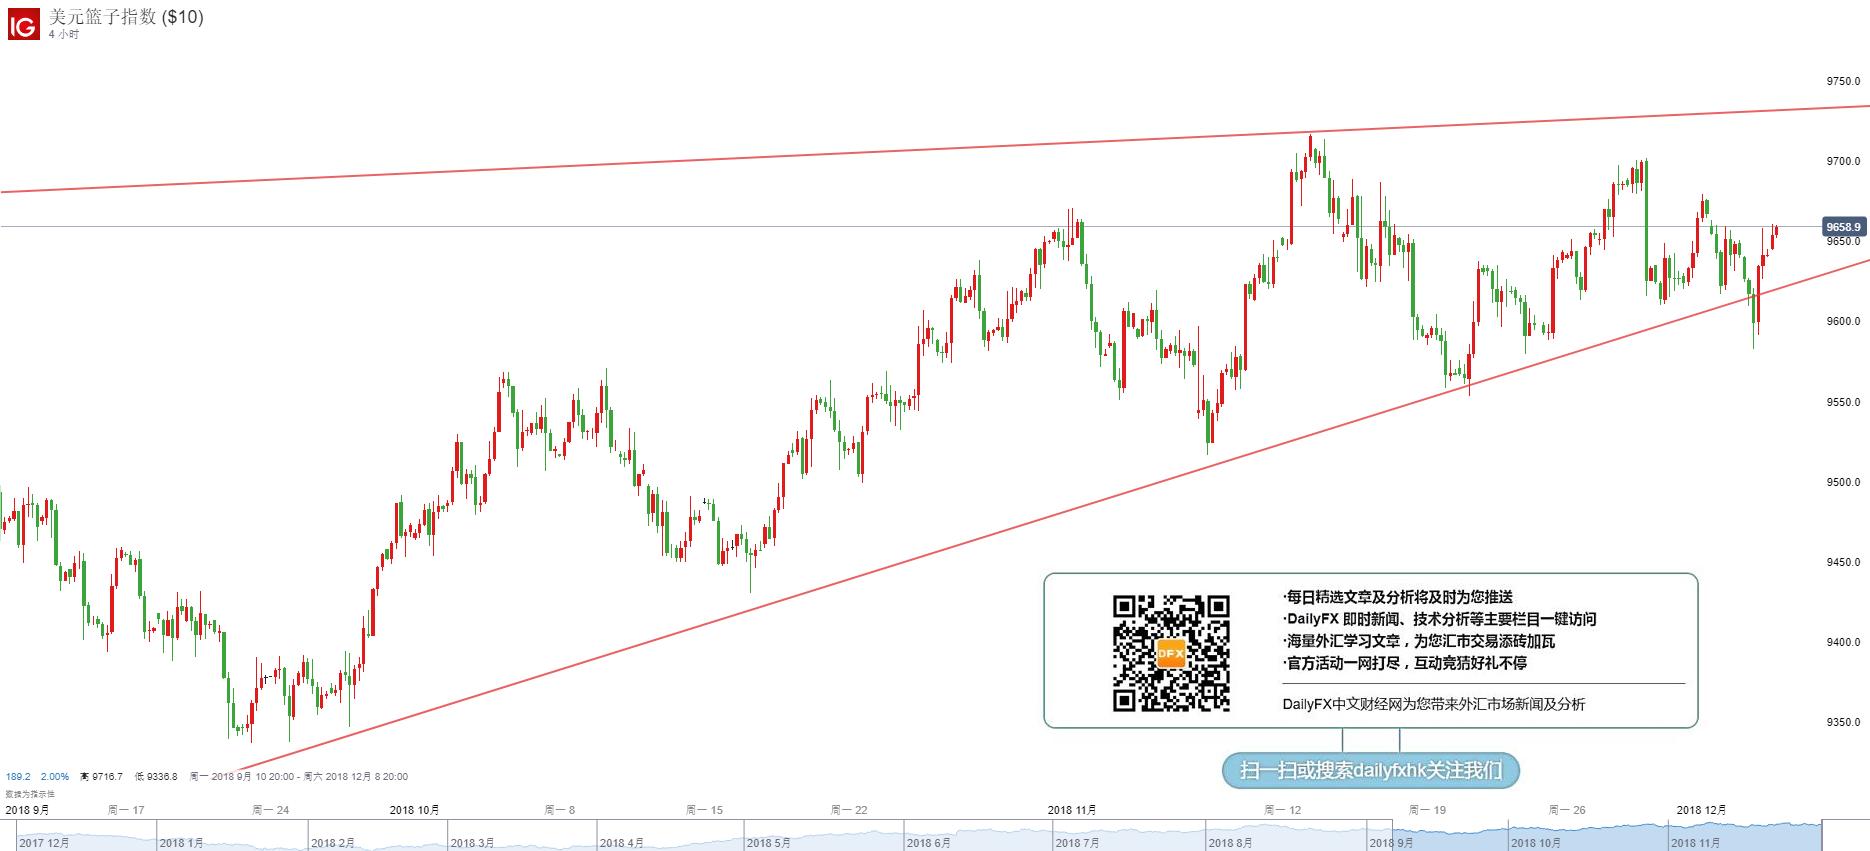 美元指数技术分析:短线回归上行,方向仍不确定